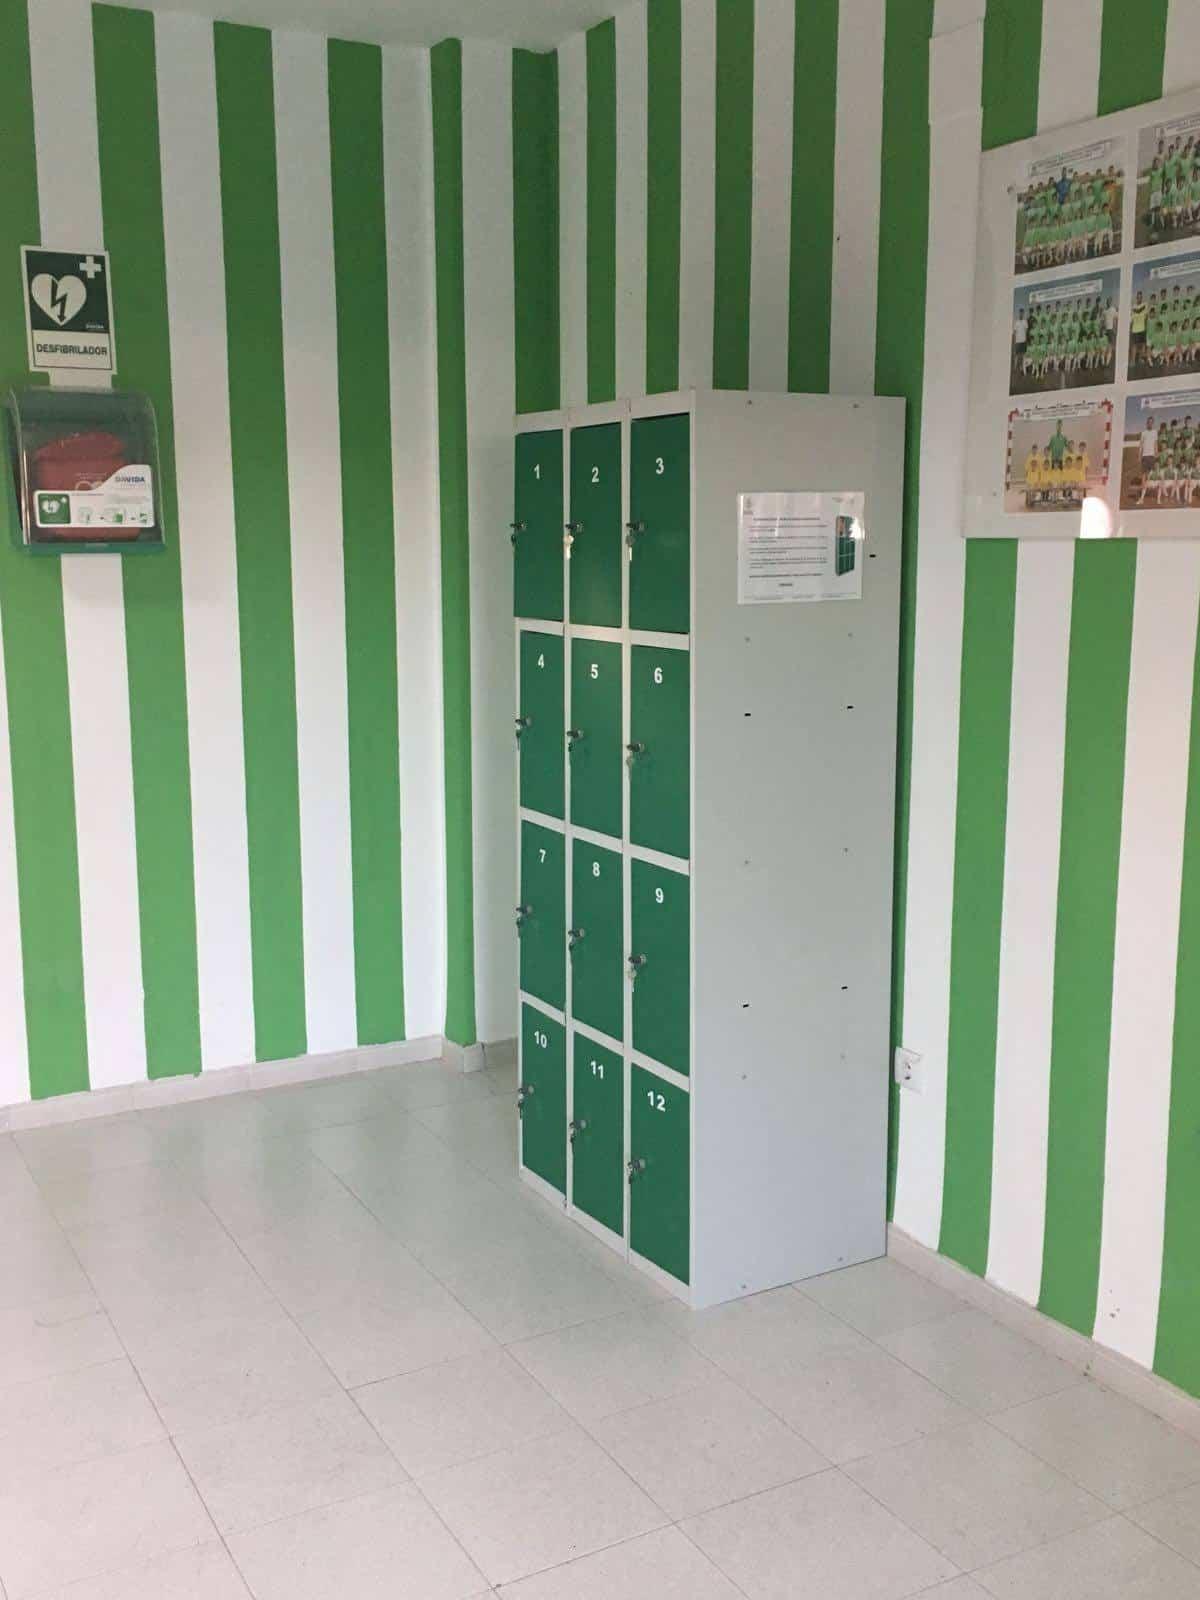 taquillas instalaciones deportivas herencia 1 - Instalación de taquillas en instalaciones deportivas